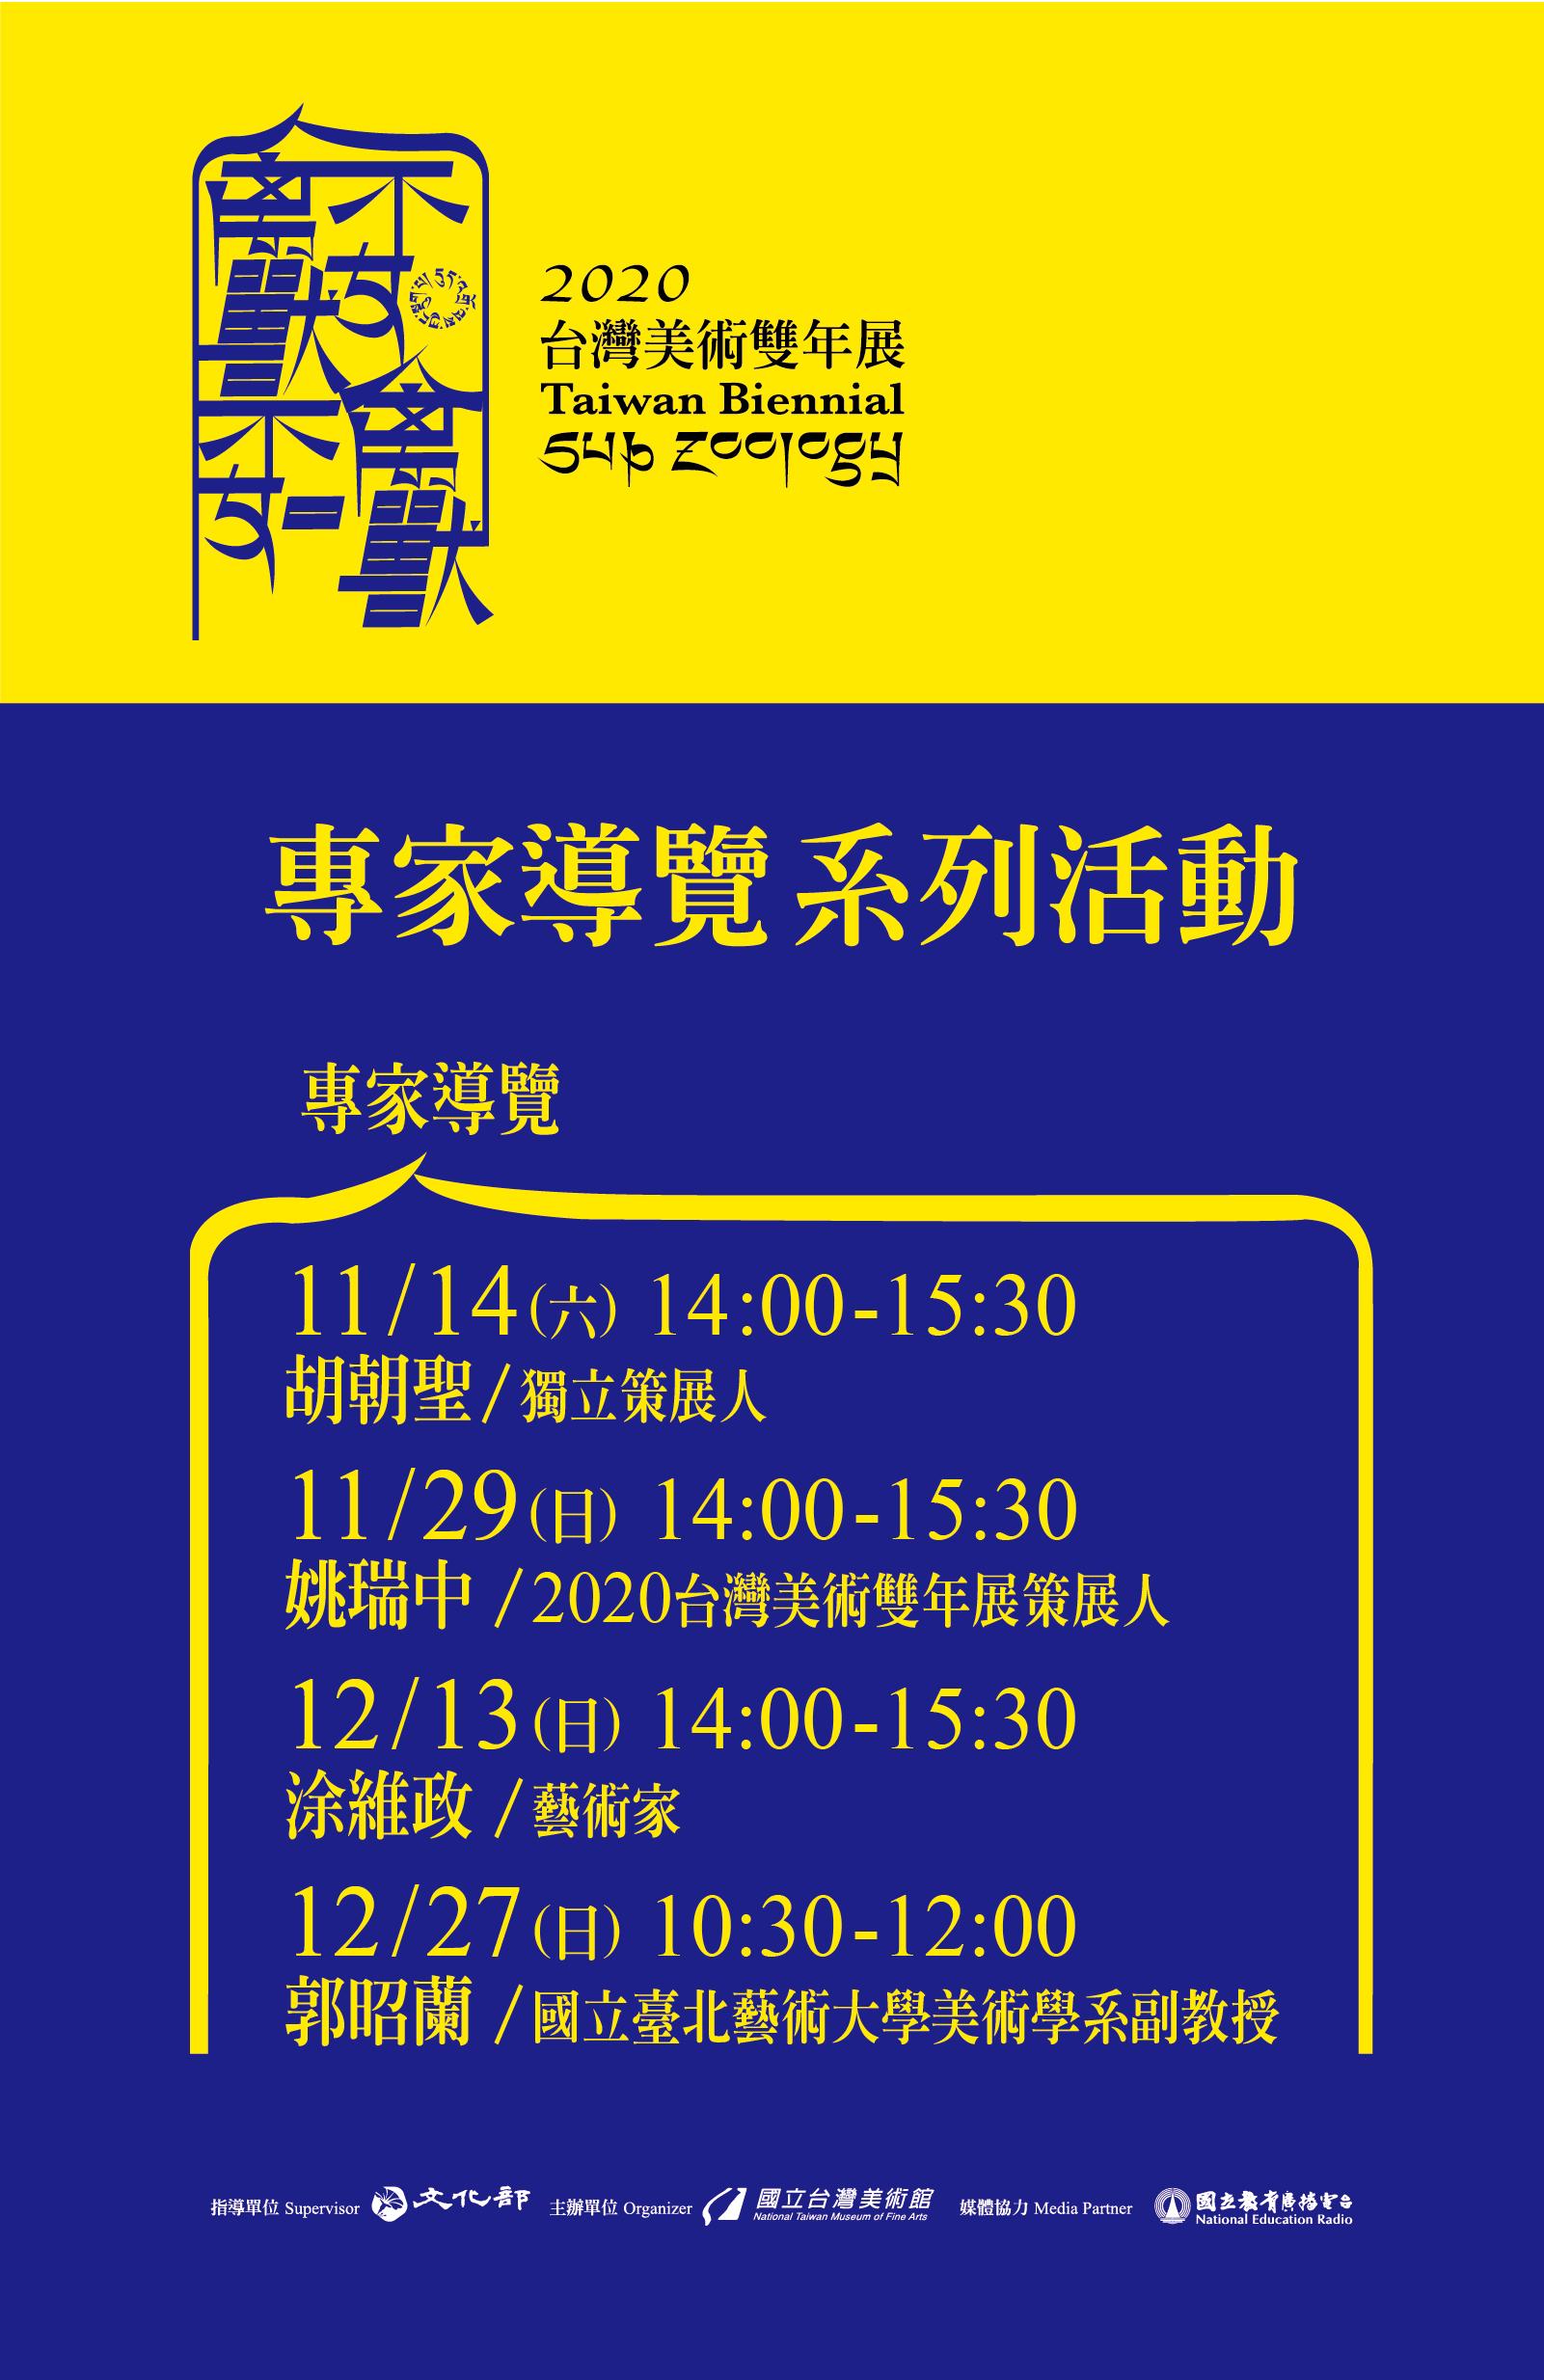 2020台灣美術雙年展 策展人暨專家導覽系列活動「另開新視窗」